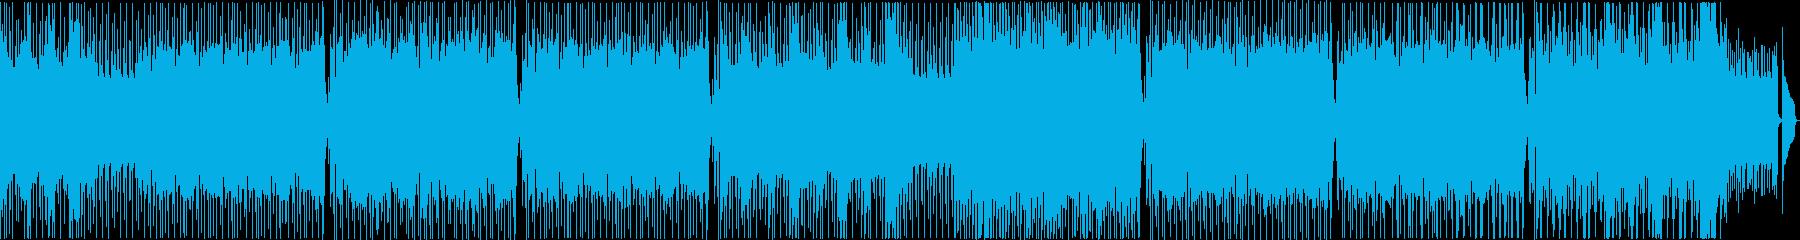 上品でおしとやかなリラックス系レゲェ の再生済みの波形